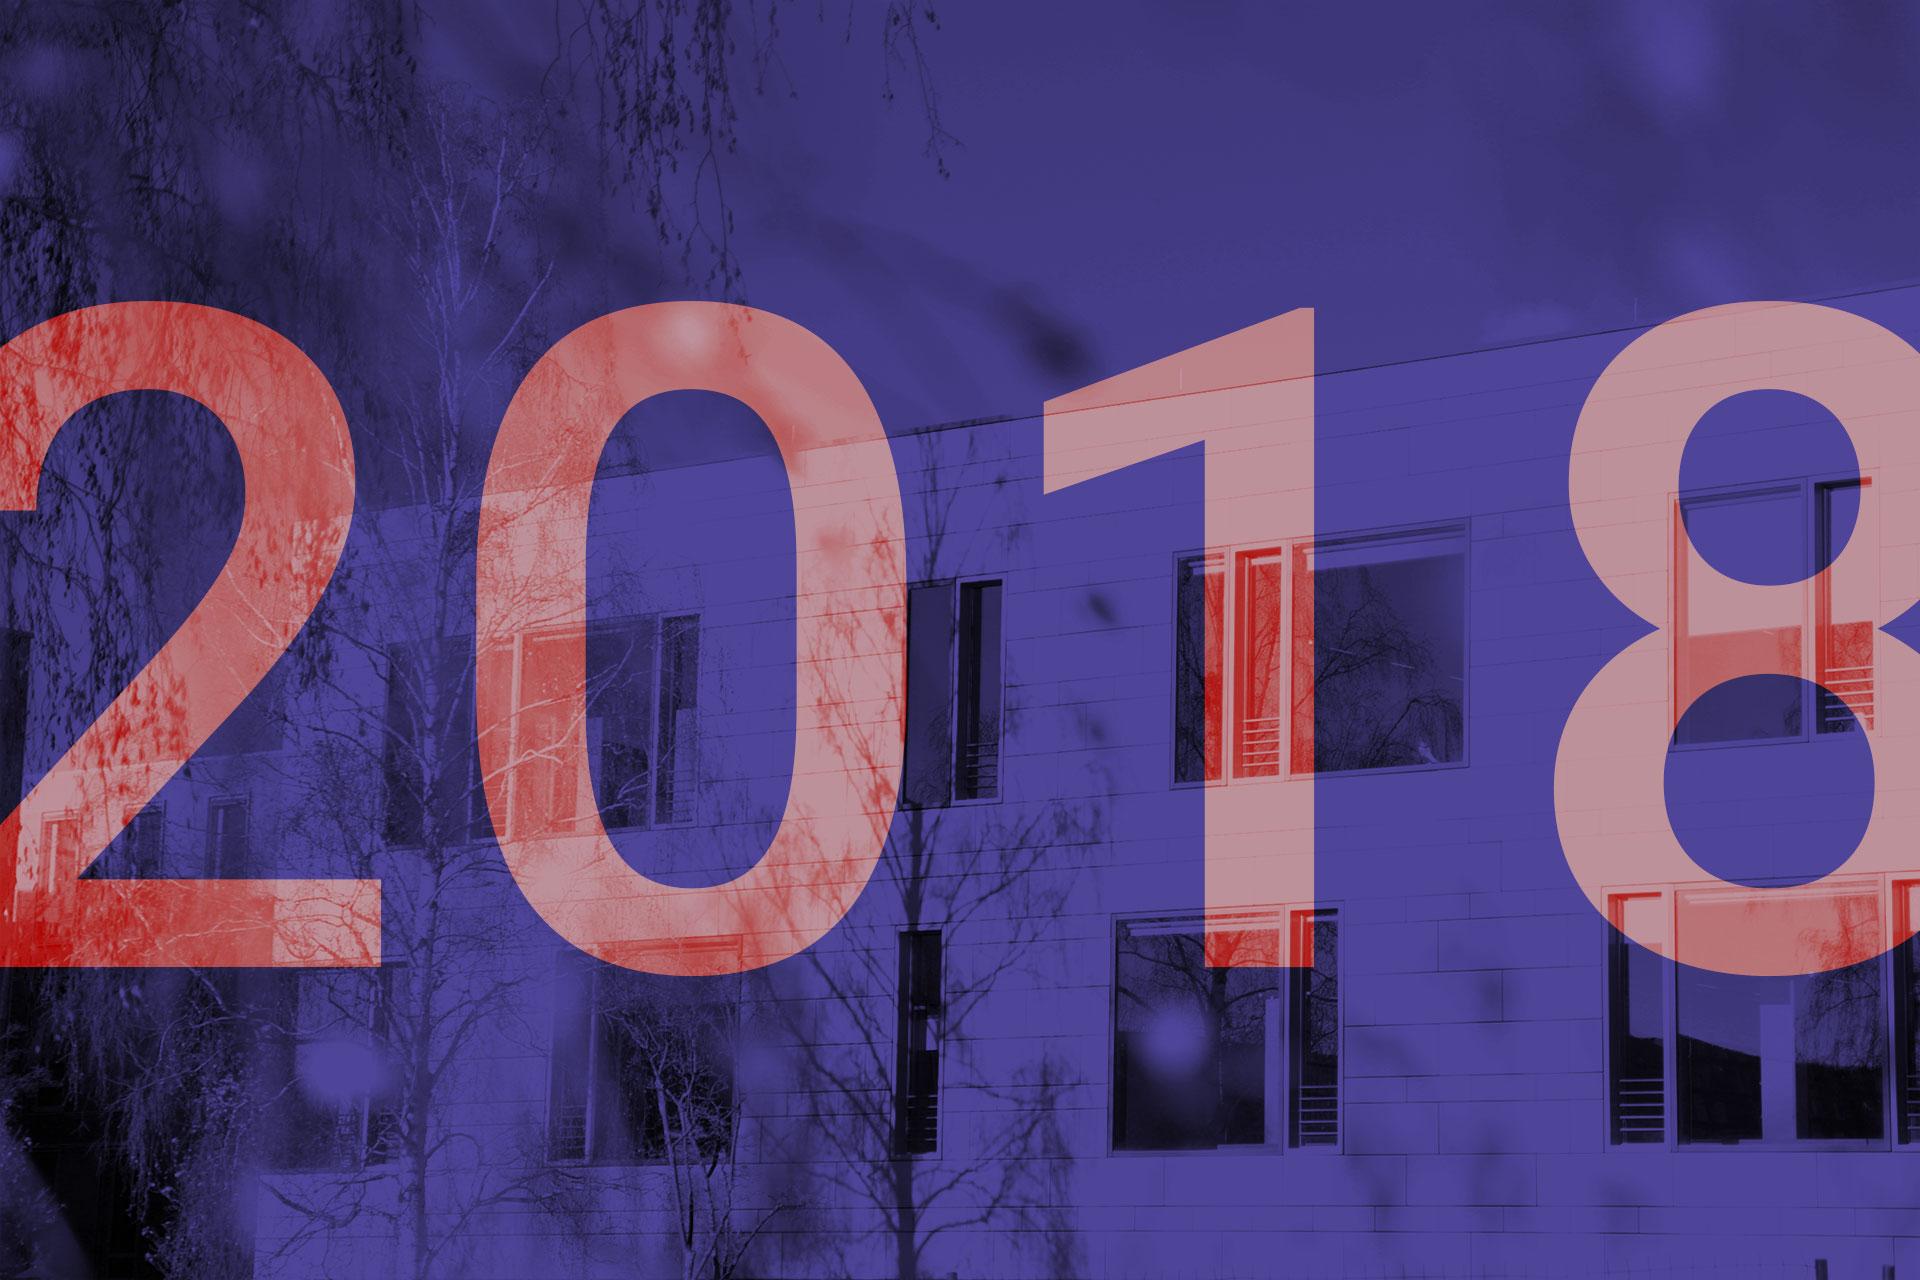 2018. Im Hintergrund ist das Hauptgebäude zu sehen